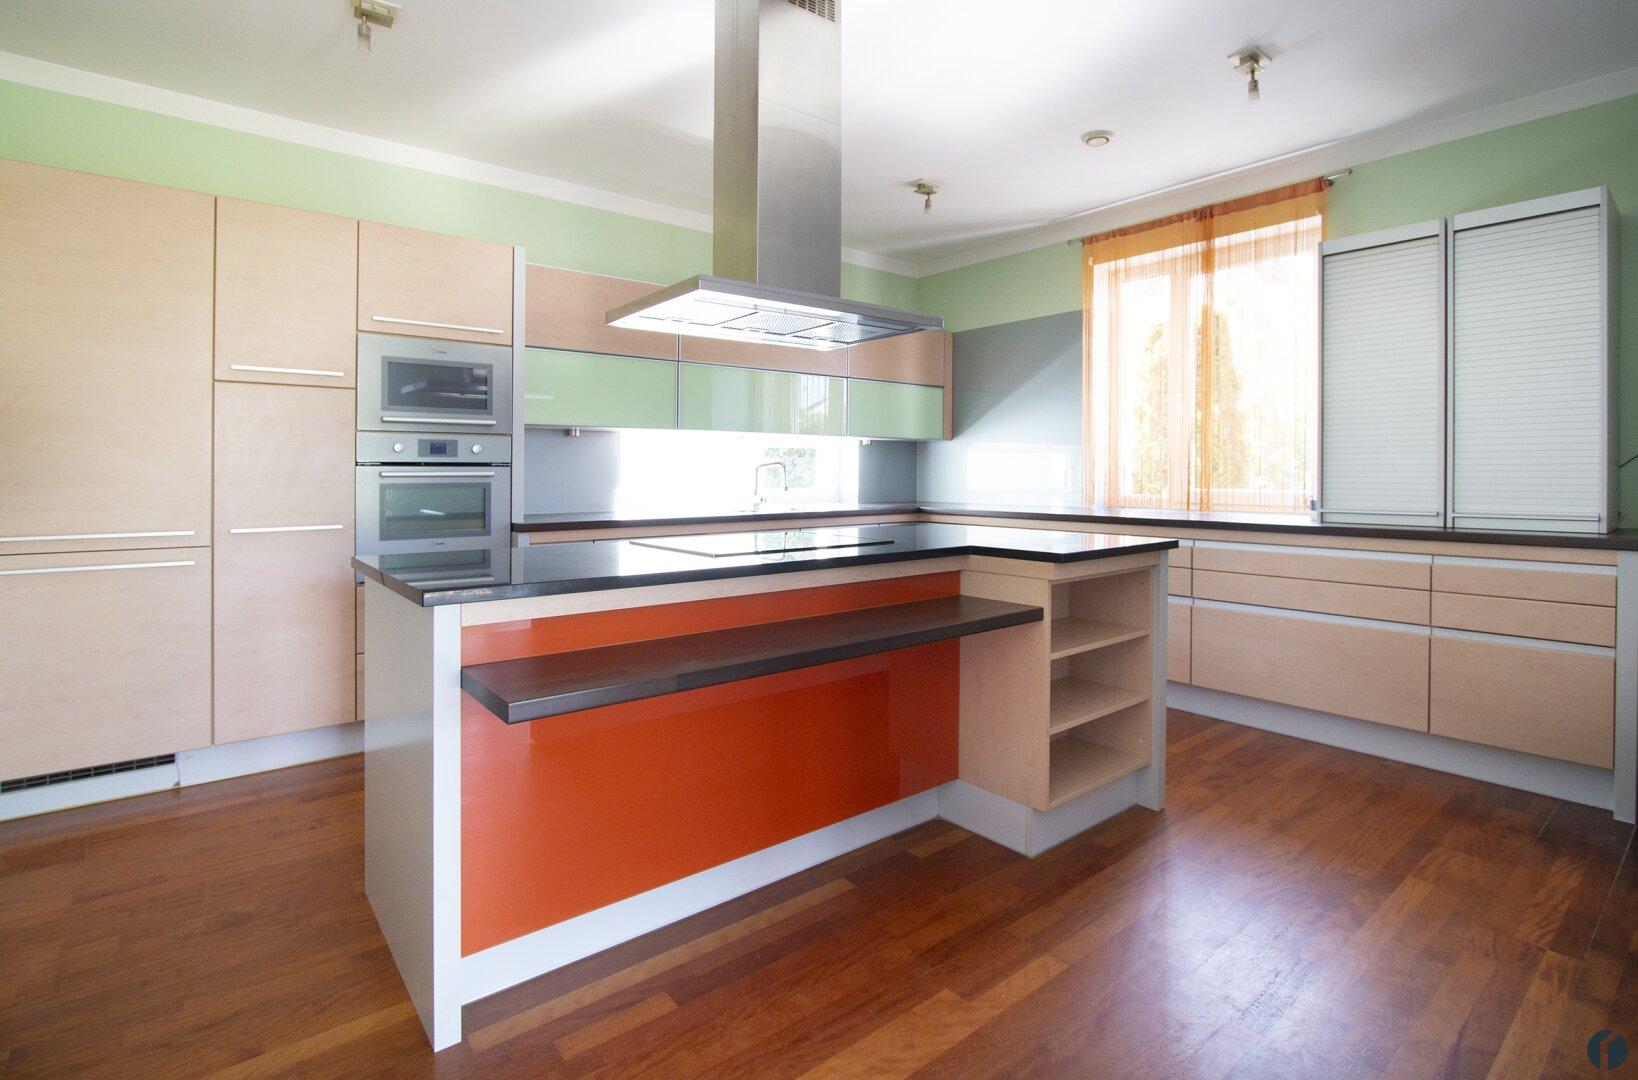 moderne, geräumige Küche